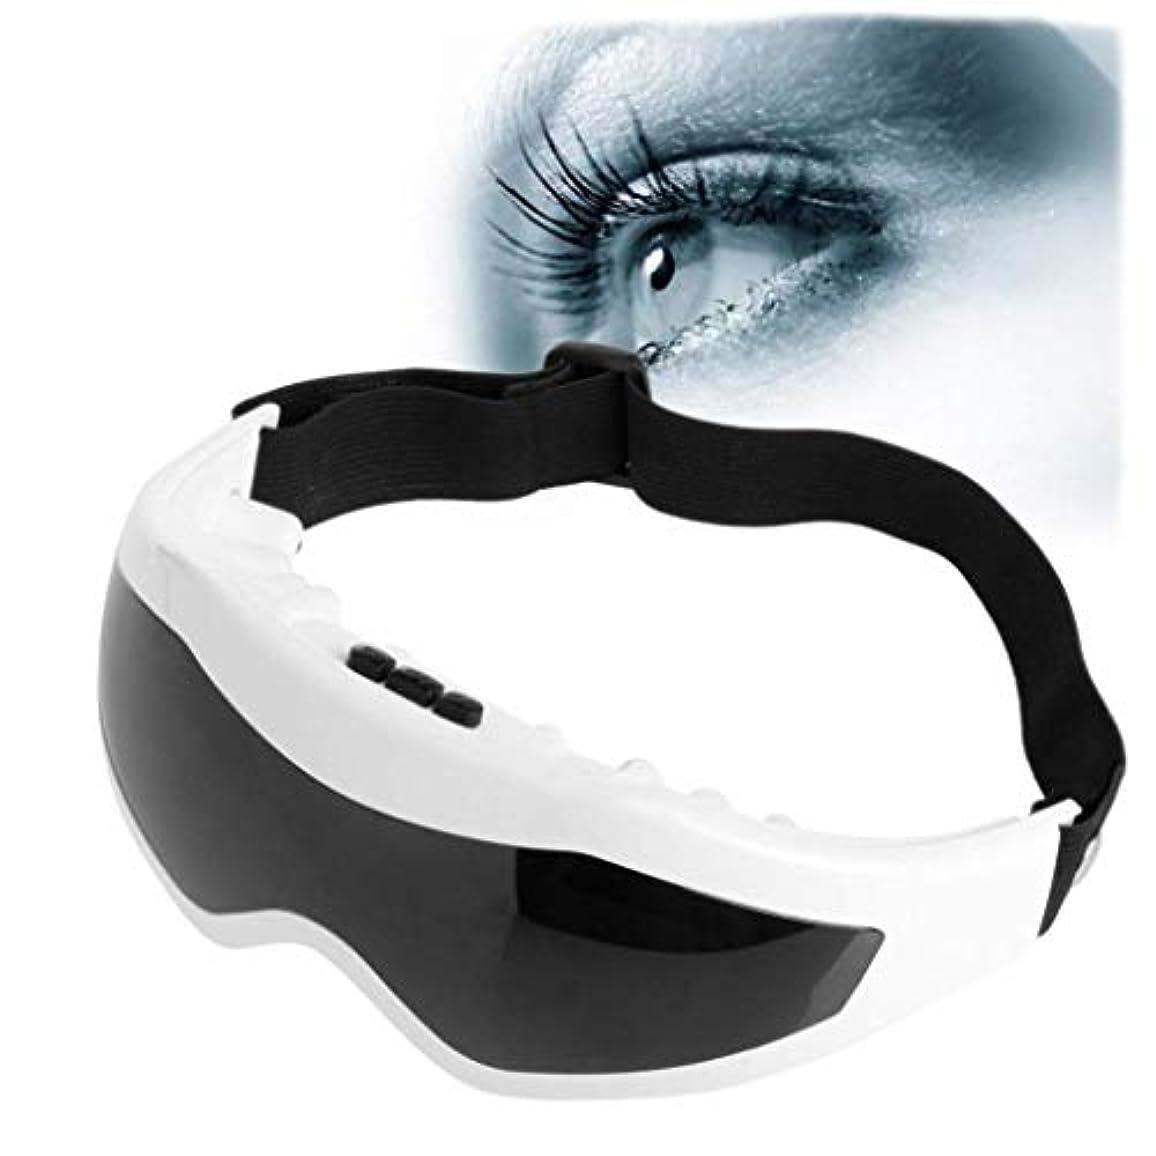 違反知覚的不良品電気アイマッサージャー、9種類のマッサージ方法USB充電式、アイケアマッサージリラックス振動を軽減指の圧力を軽減します目の疲れを軽減するための保護器具